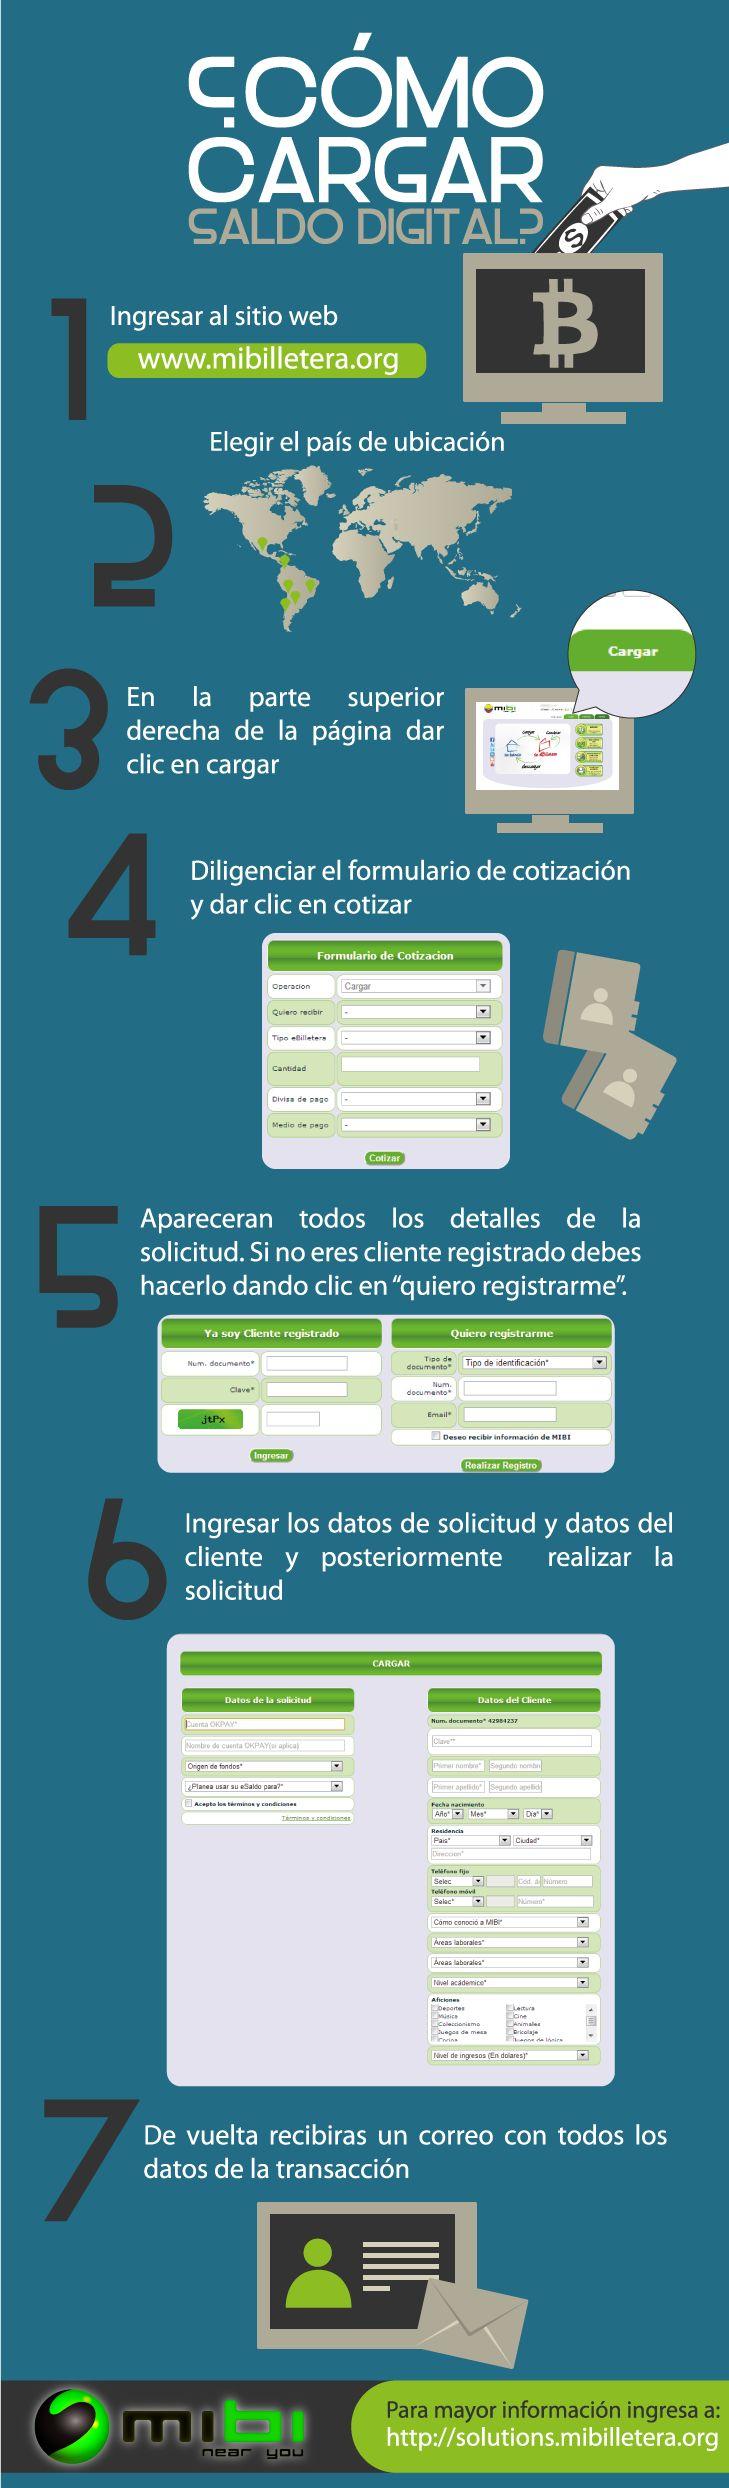 Realiza tus recargas en 7 pasos, Mibi la solución más sencilla, rápida y segura para recargar lo que más te gusta. Ingresa ahora a www.mibilletera.org